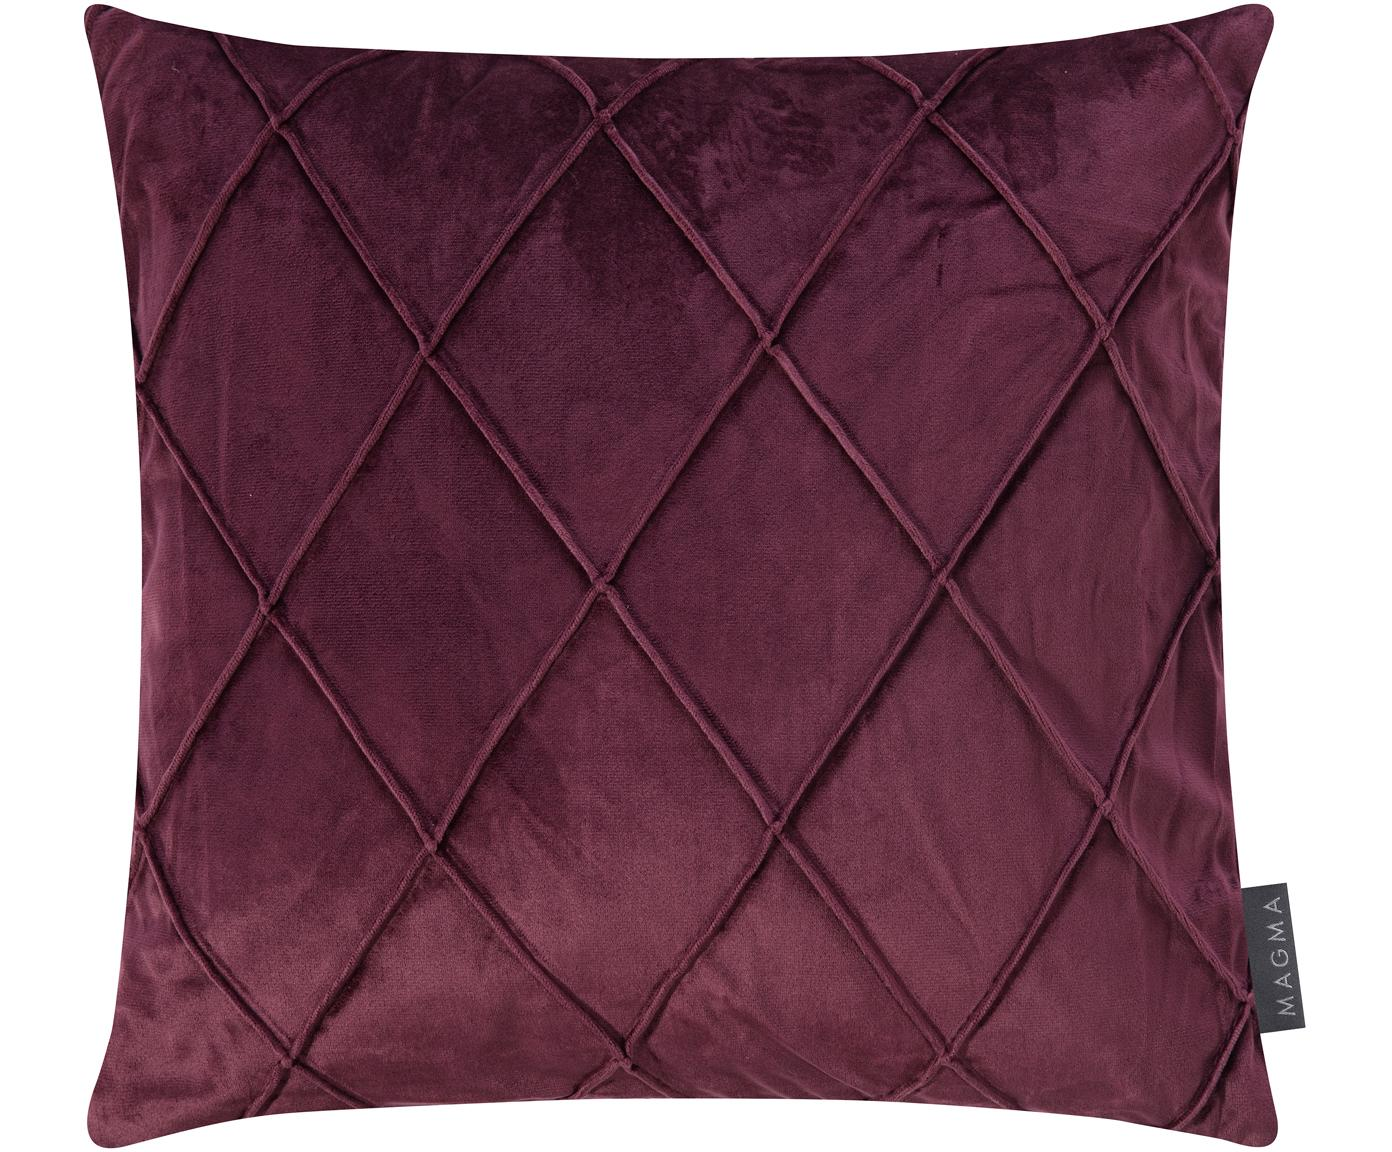 Poszewka na poduszkę z aksamitu Nobless, Aksamit poliestrowy, Wiśniowy, S 40 x D 40 cm